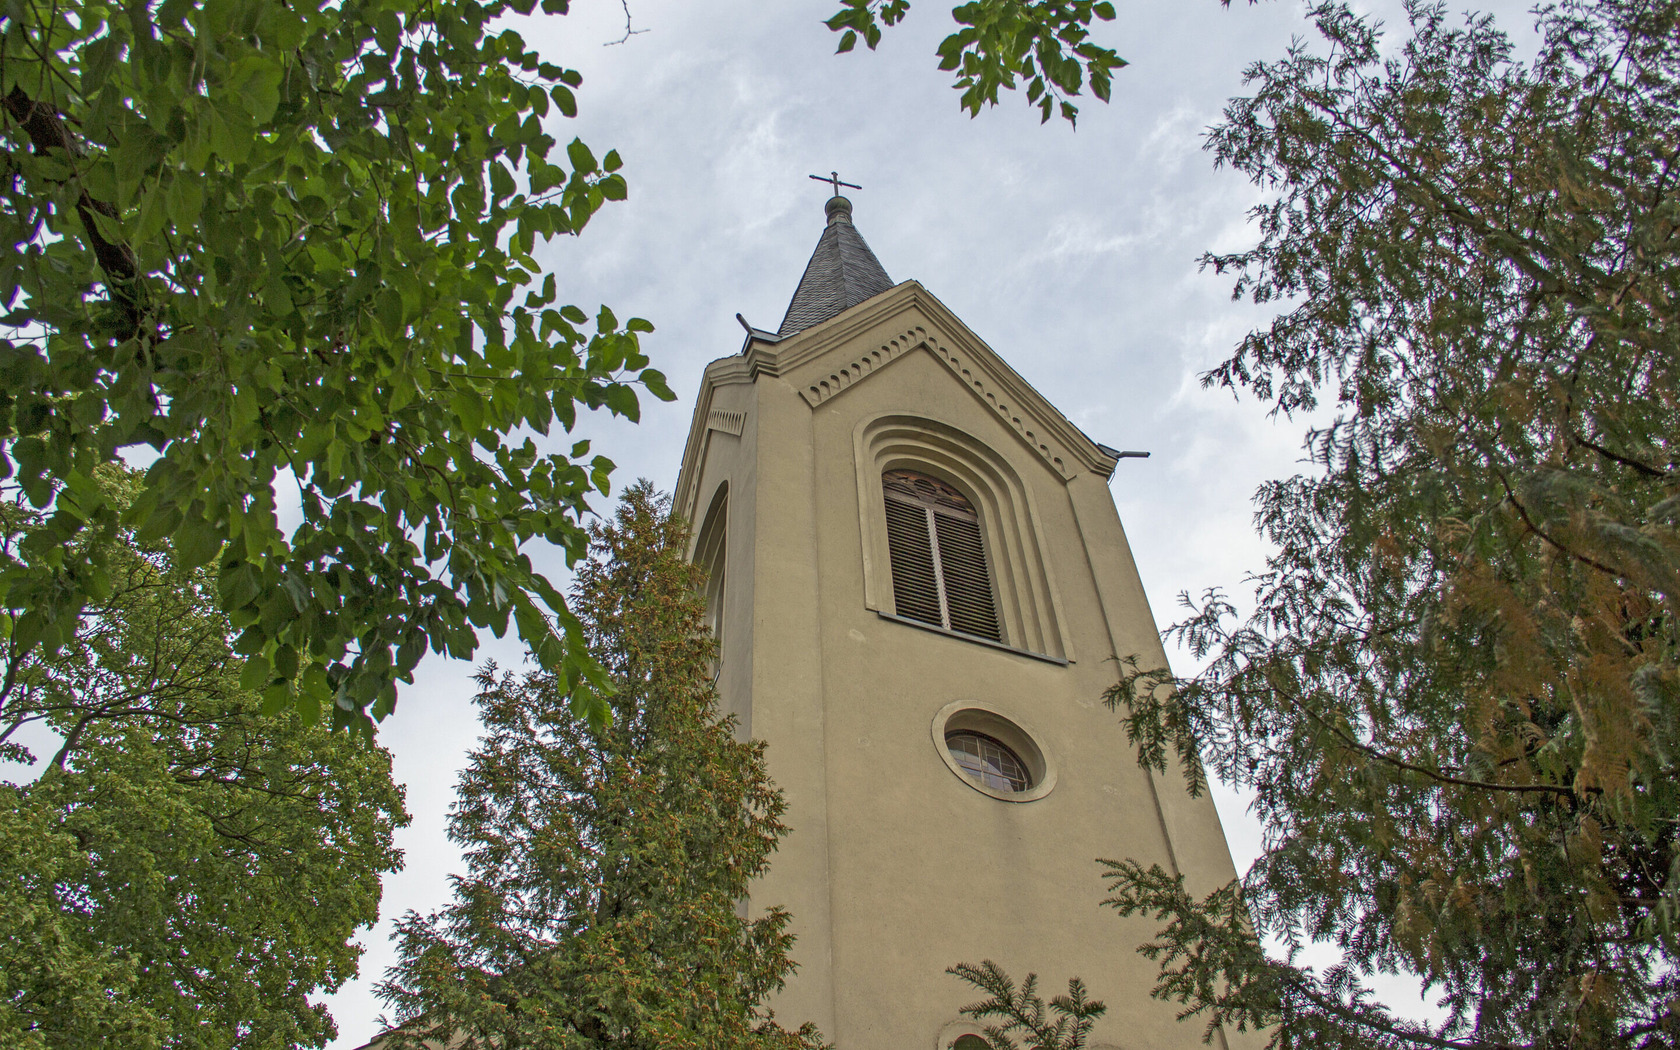 Kirche Groß Breesen, Foto: TMB-Fotoarchiv/ScottyScout